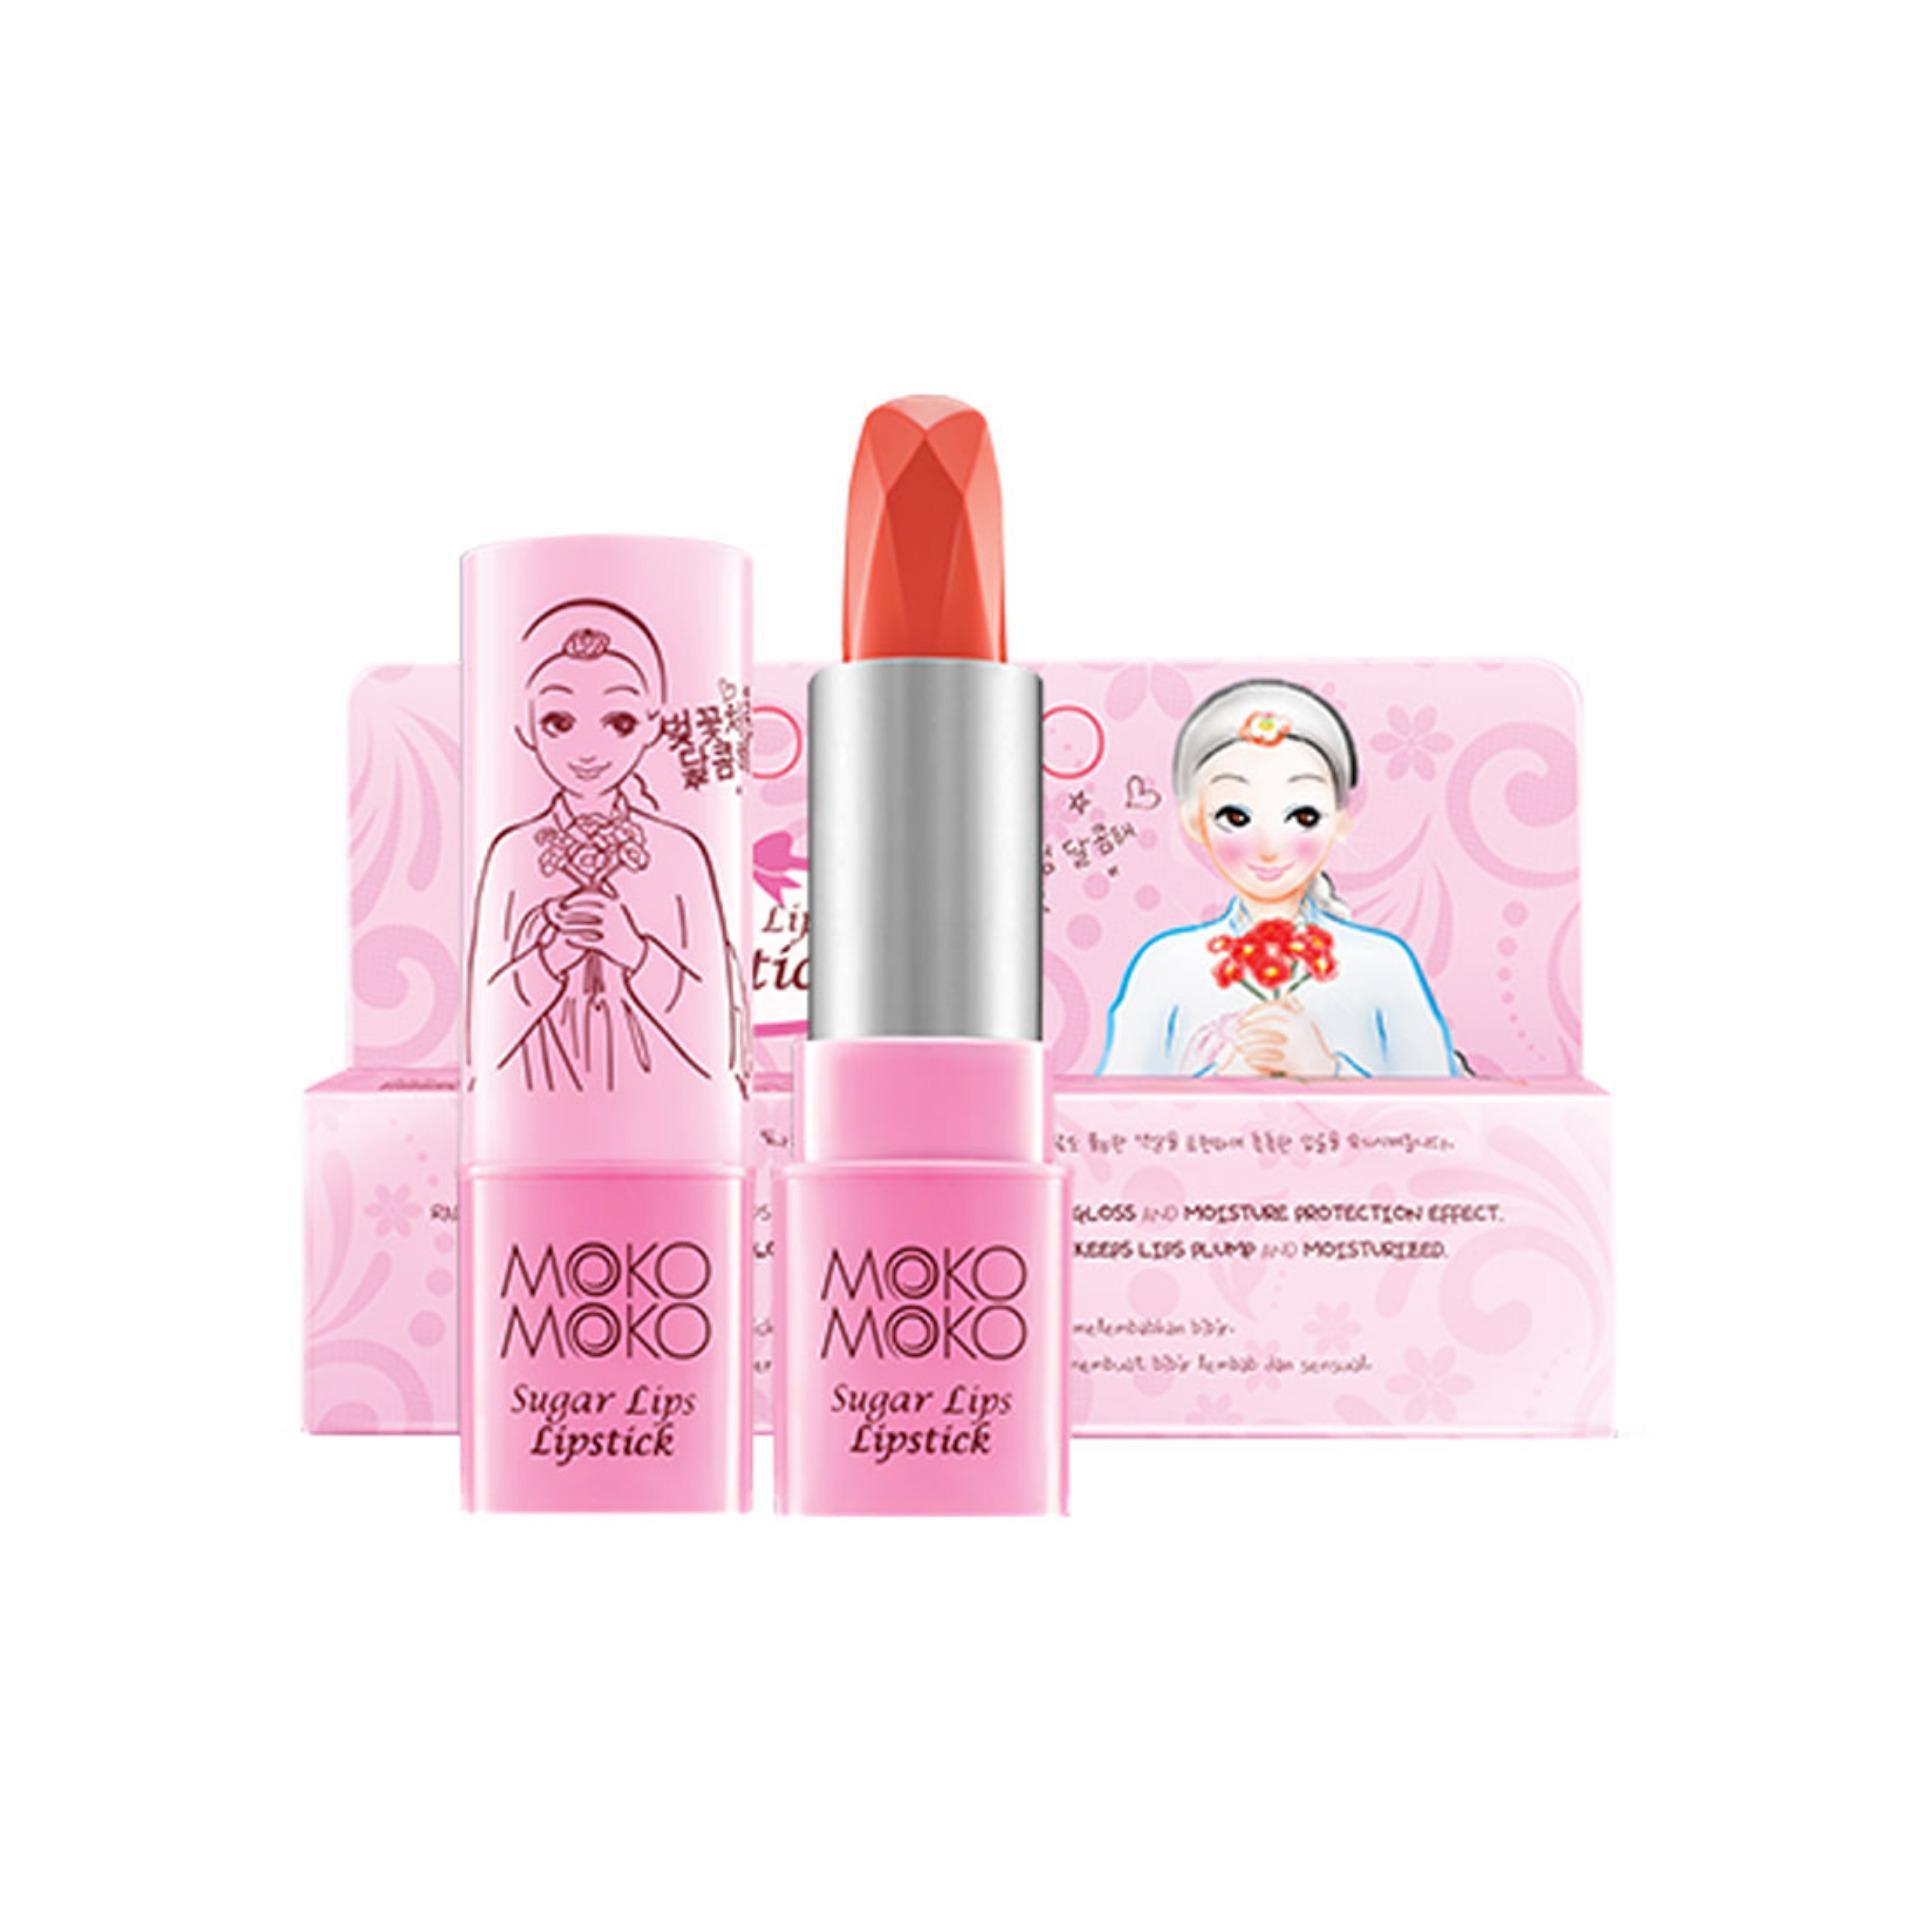 Jual Jinju Premium Stick Murah Garansi Dan Berkualitas Id Store Elsheskin Rossana Matte Lipstick Rp 57800